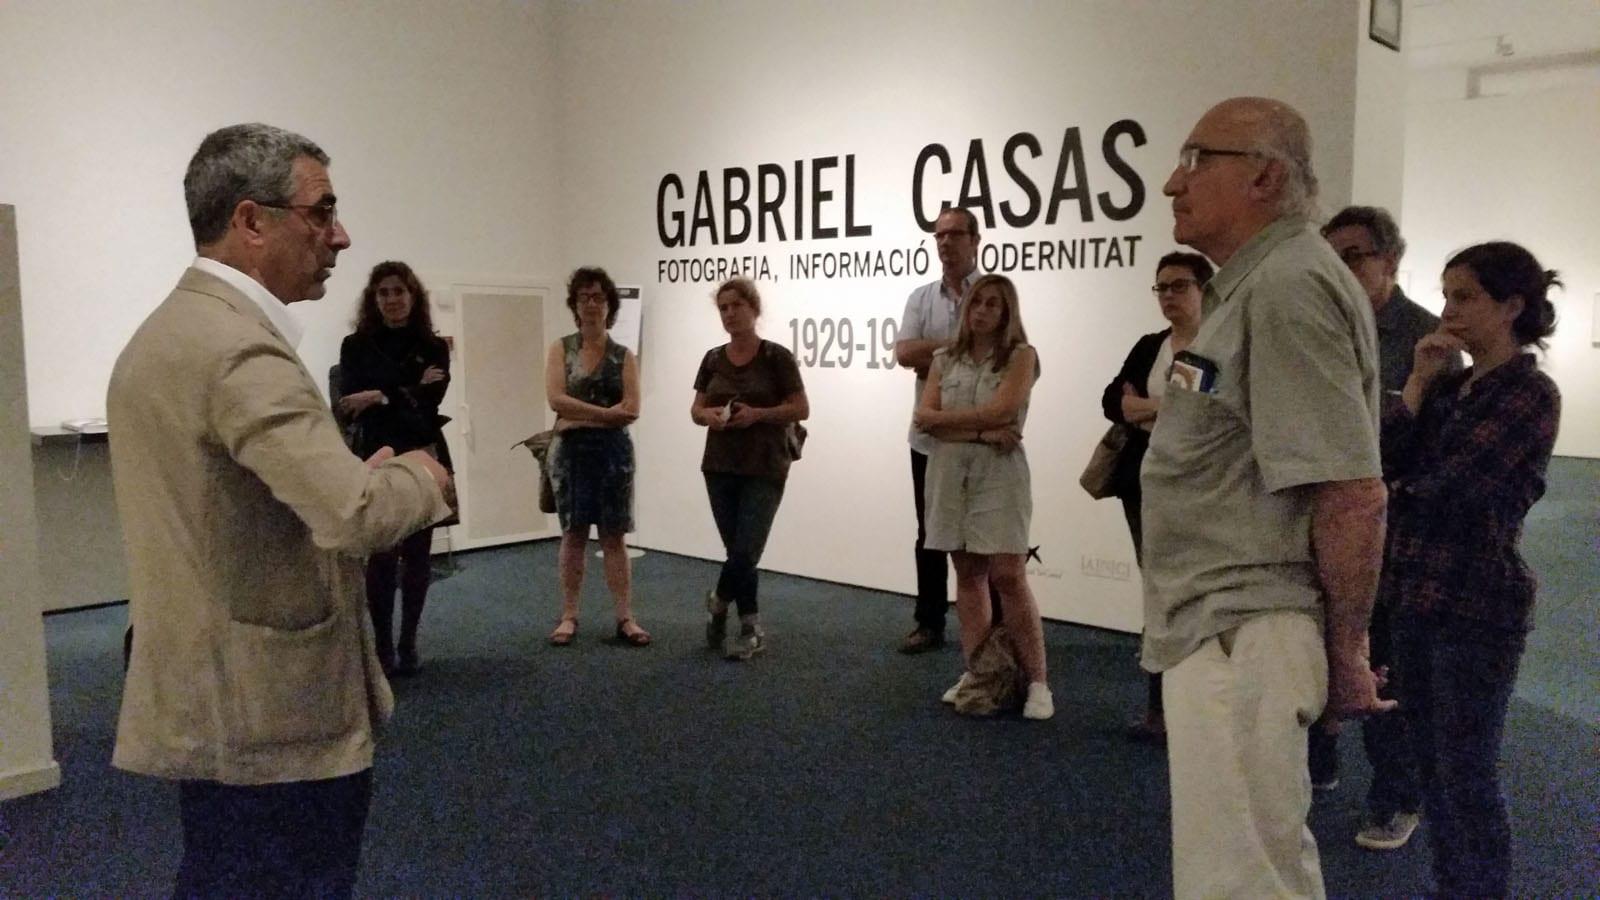 Visita guiada a l'exposició Gabriel Casas al MNAC a càrrec de Juan Naranjo. 28/05/2015